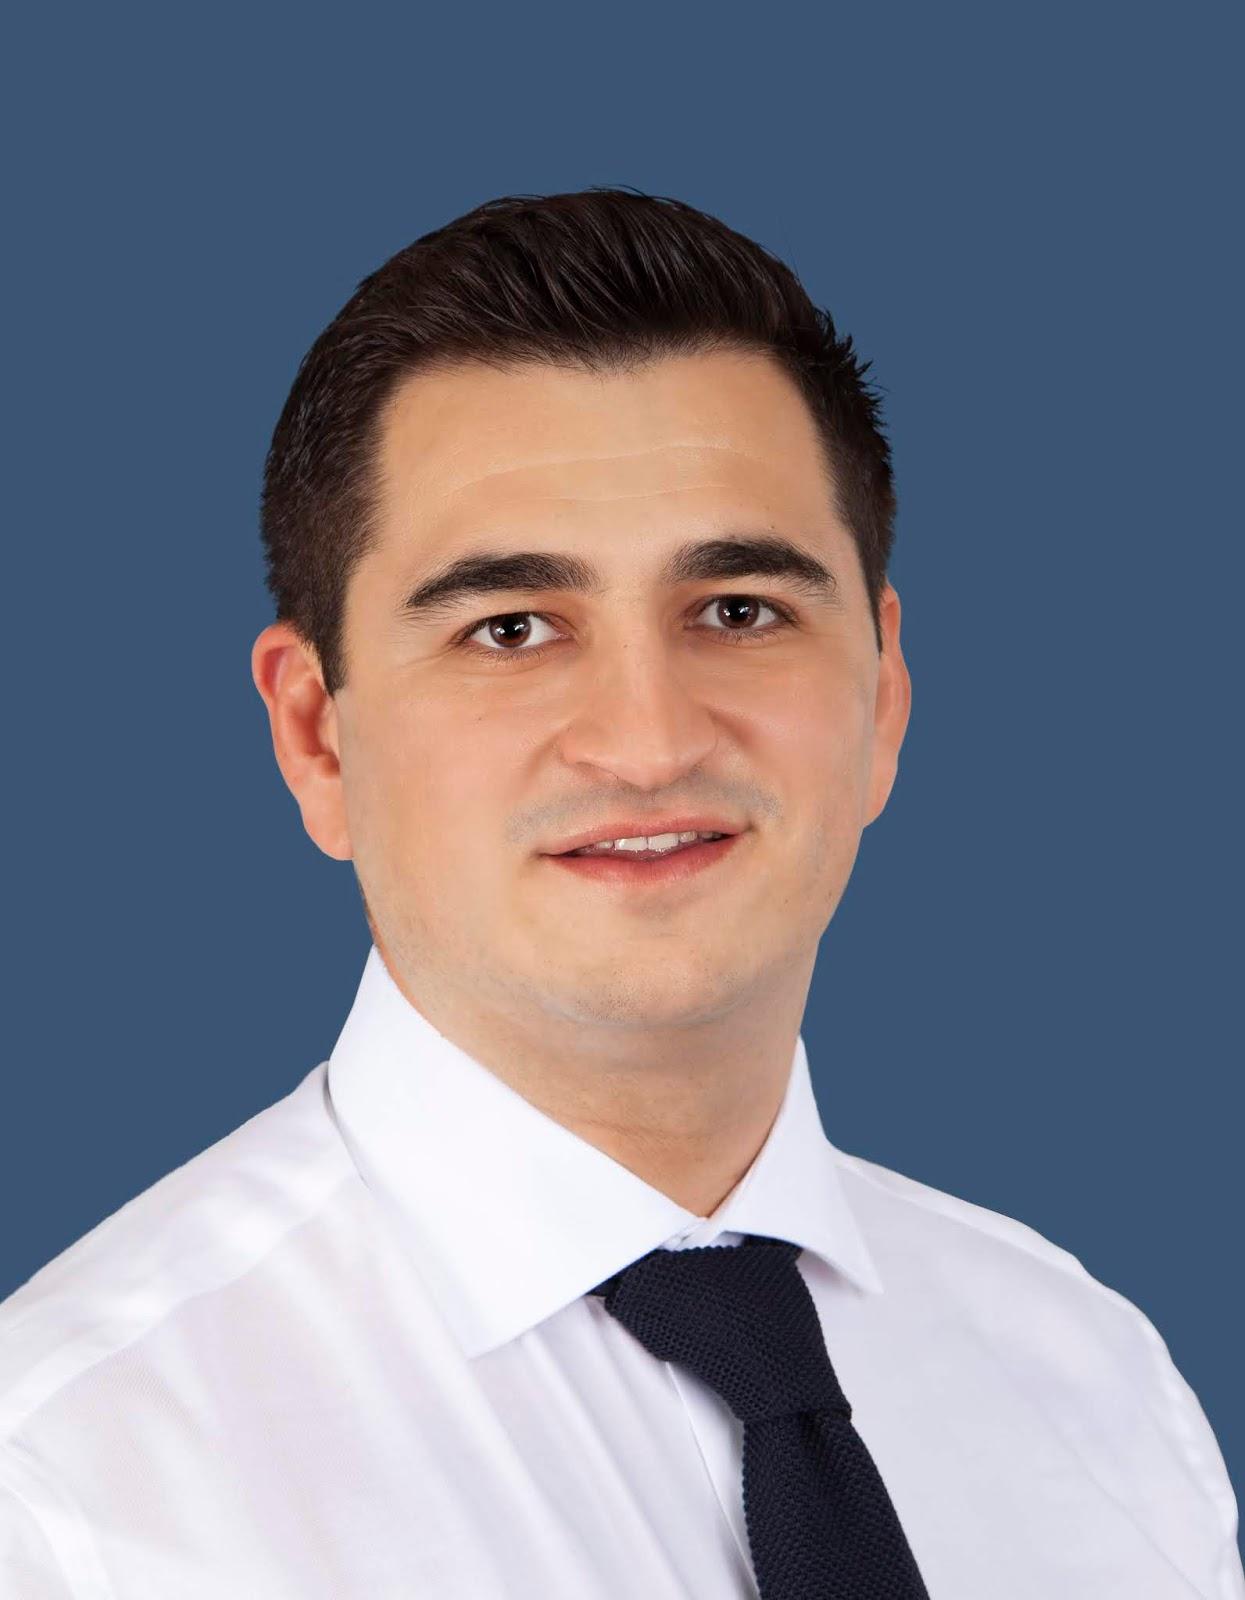 Δηλώνω παρών στην ΟΝΝΕΔ Χαλκιδικής και θα στηρίζω τον τόπο μου μέσα  από τη θέση του υπεύθυνου τουρισμού.